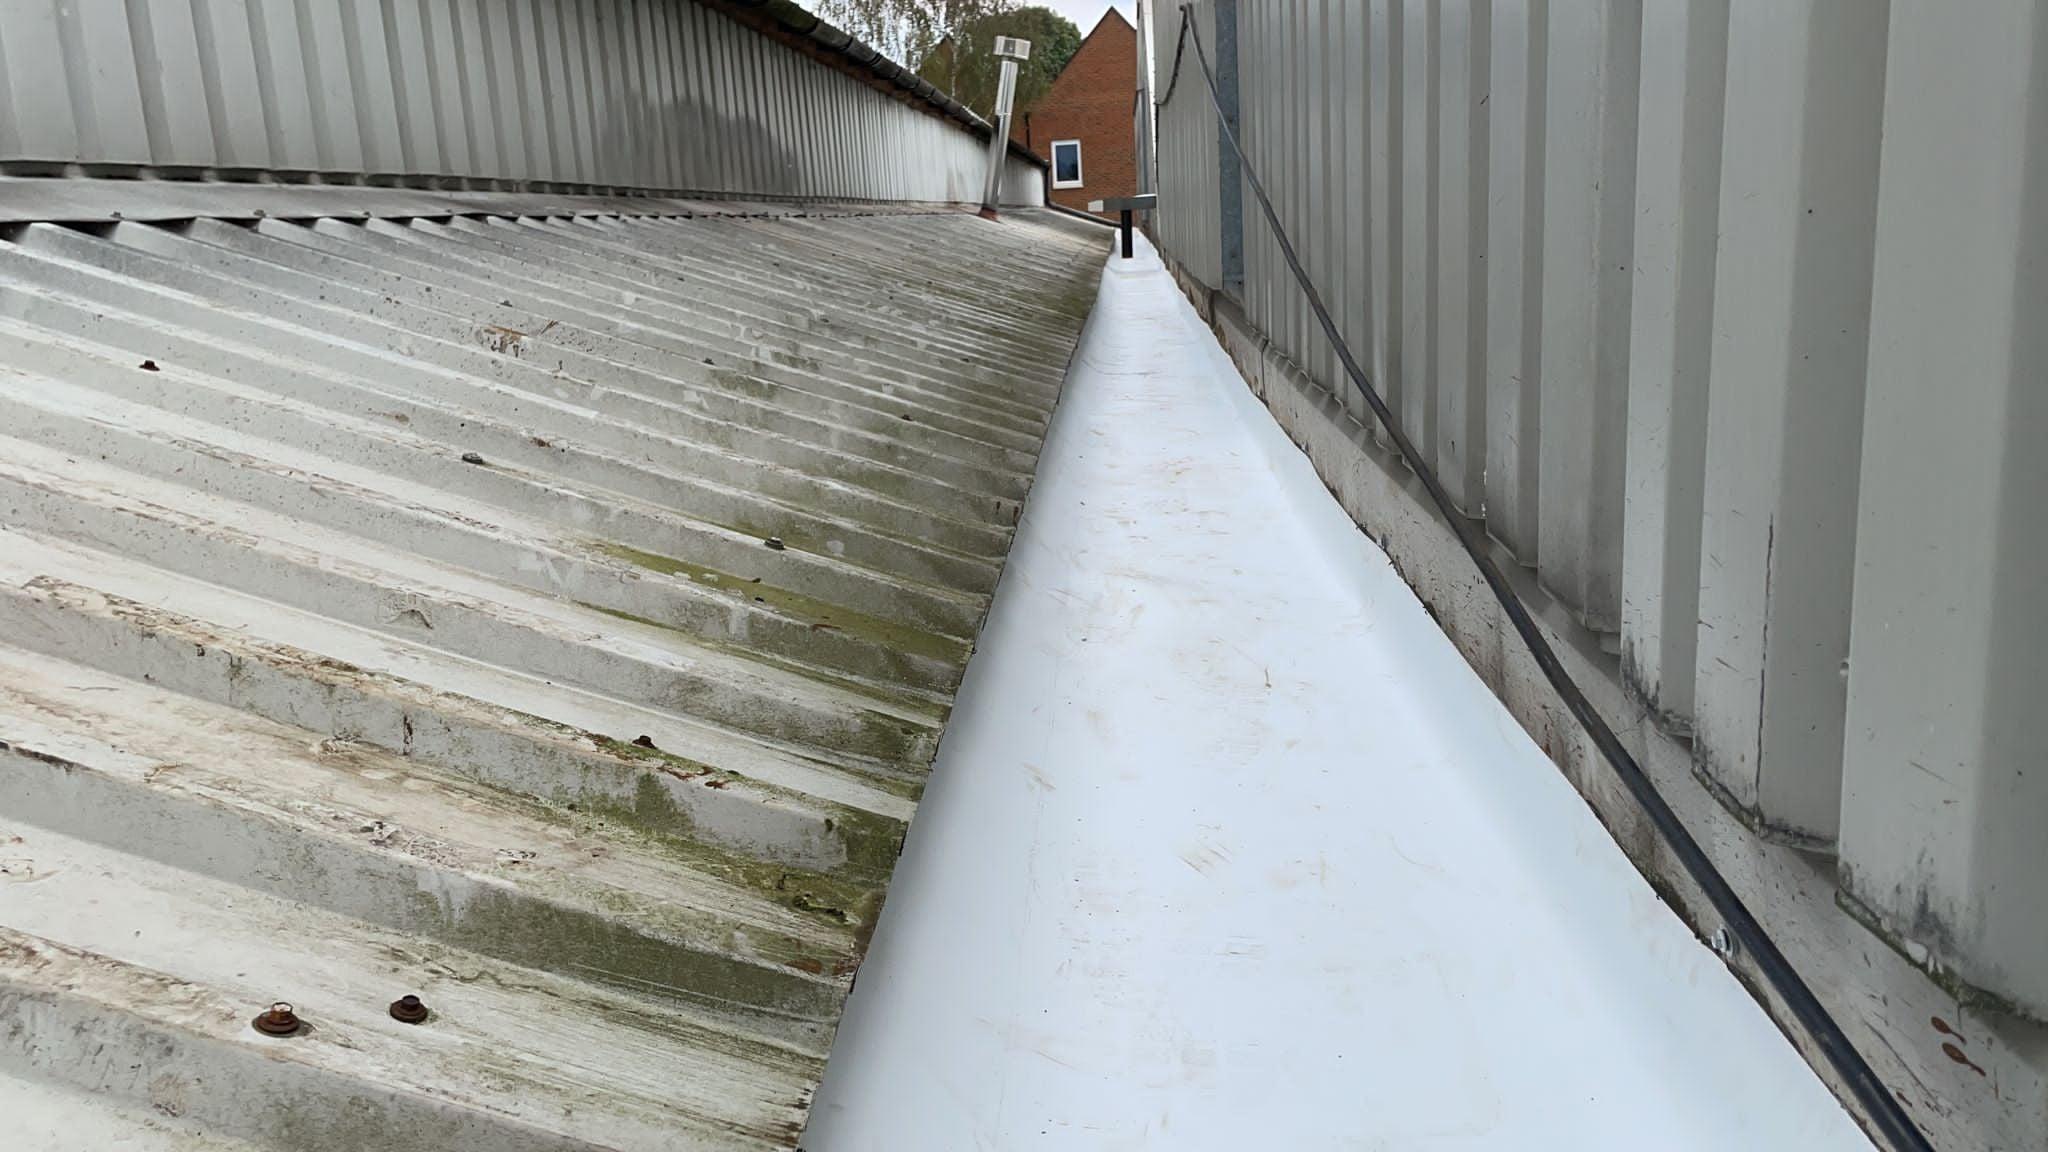 gutter lining work to a warehouse roof in Edenbridge Kent